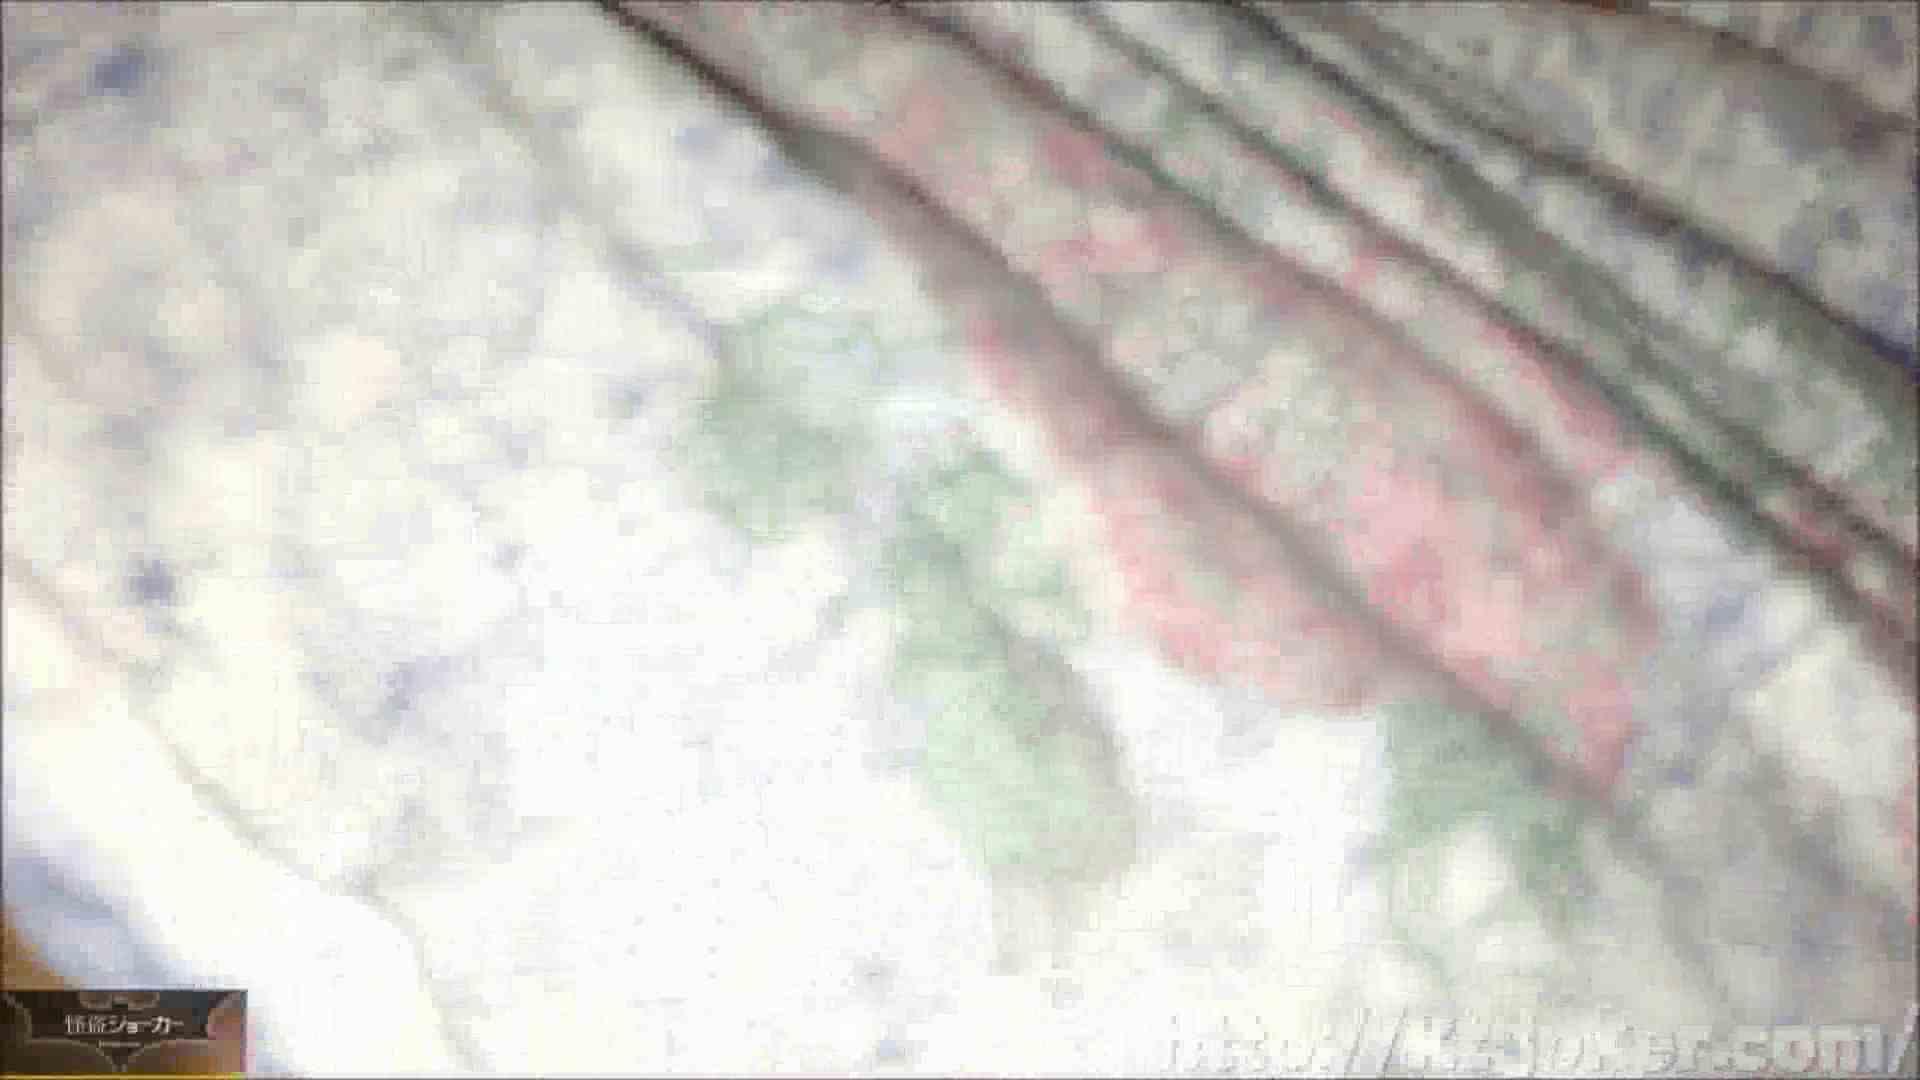 イ・タ・ズ・ラ劇場 Vol.17 HなOL | 0  109pic 97